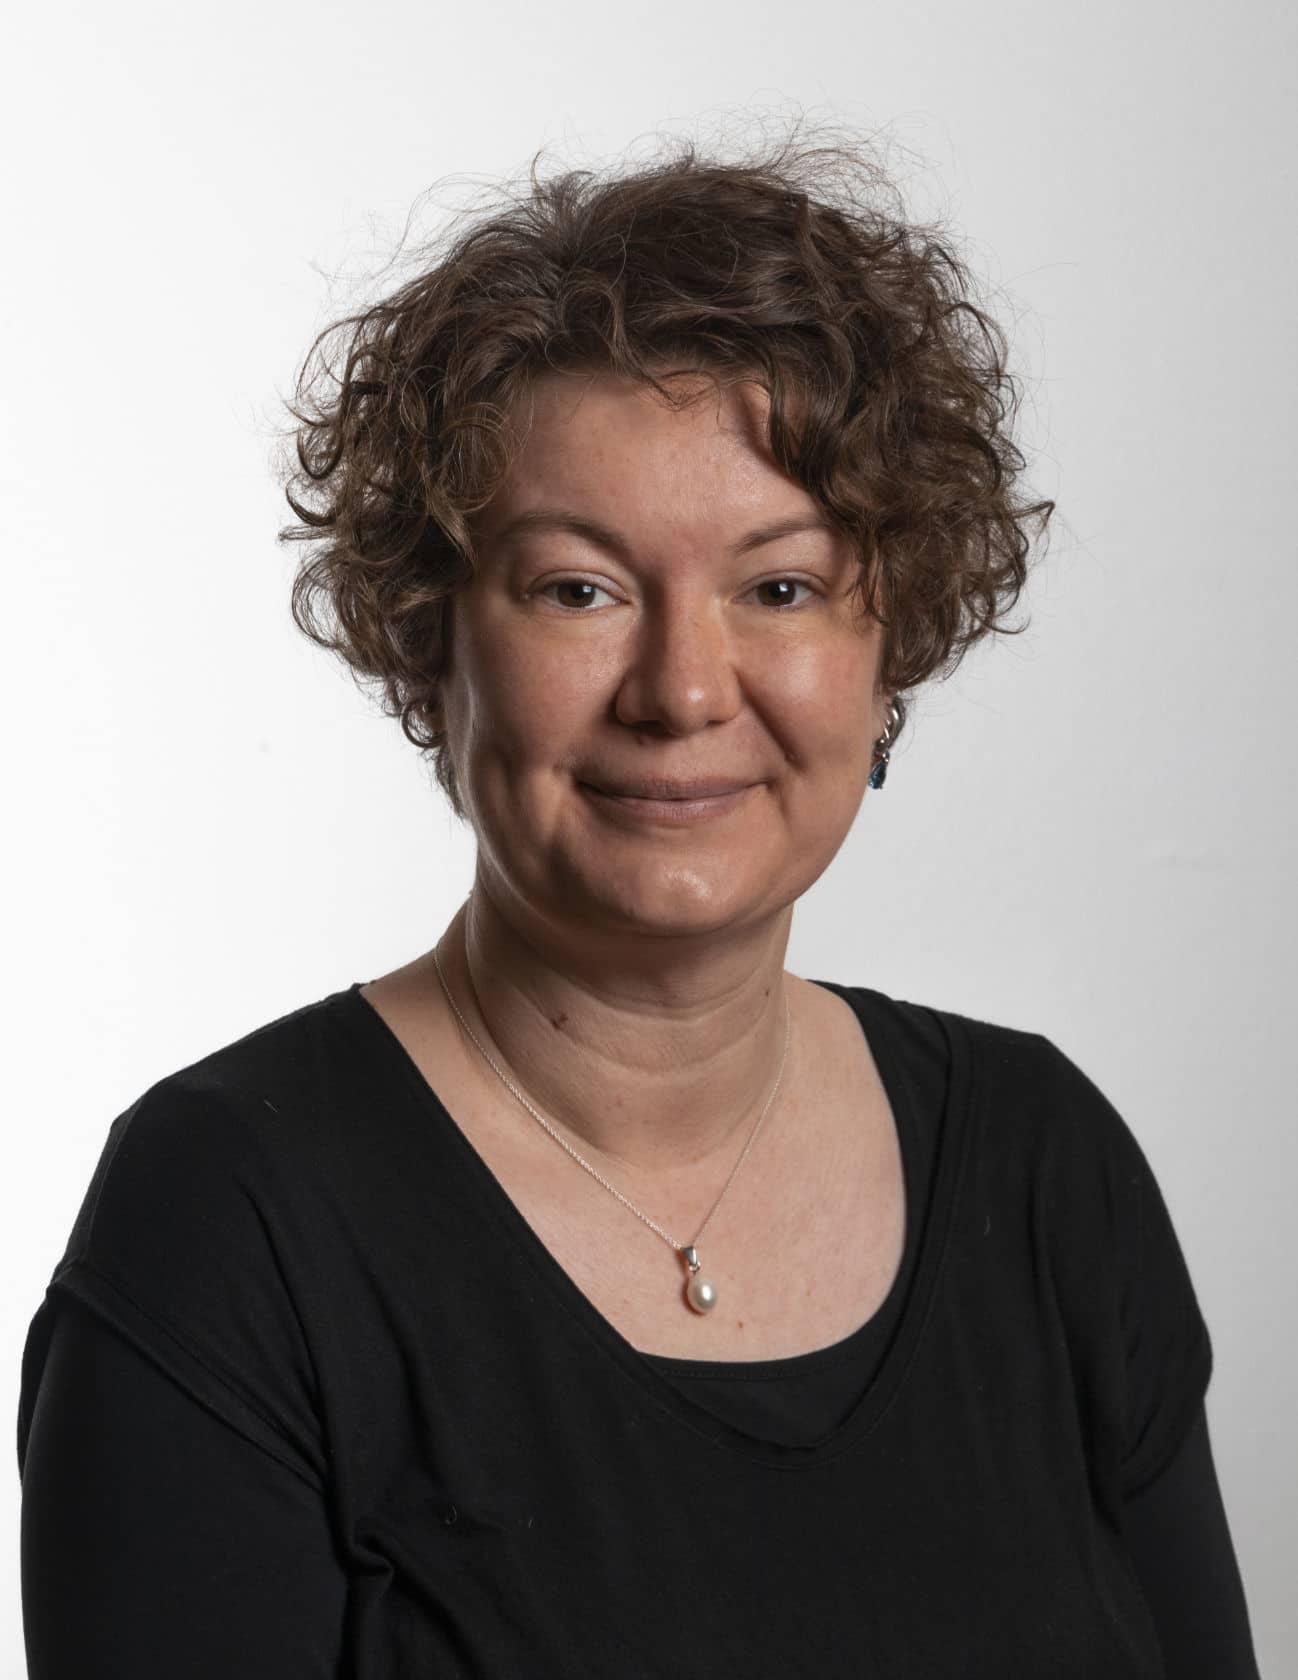 Janni Olesen - forfatter og underviser i skriveværksted og litteratur